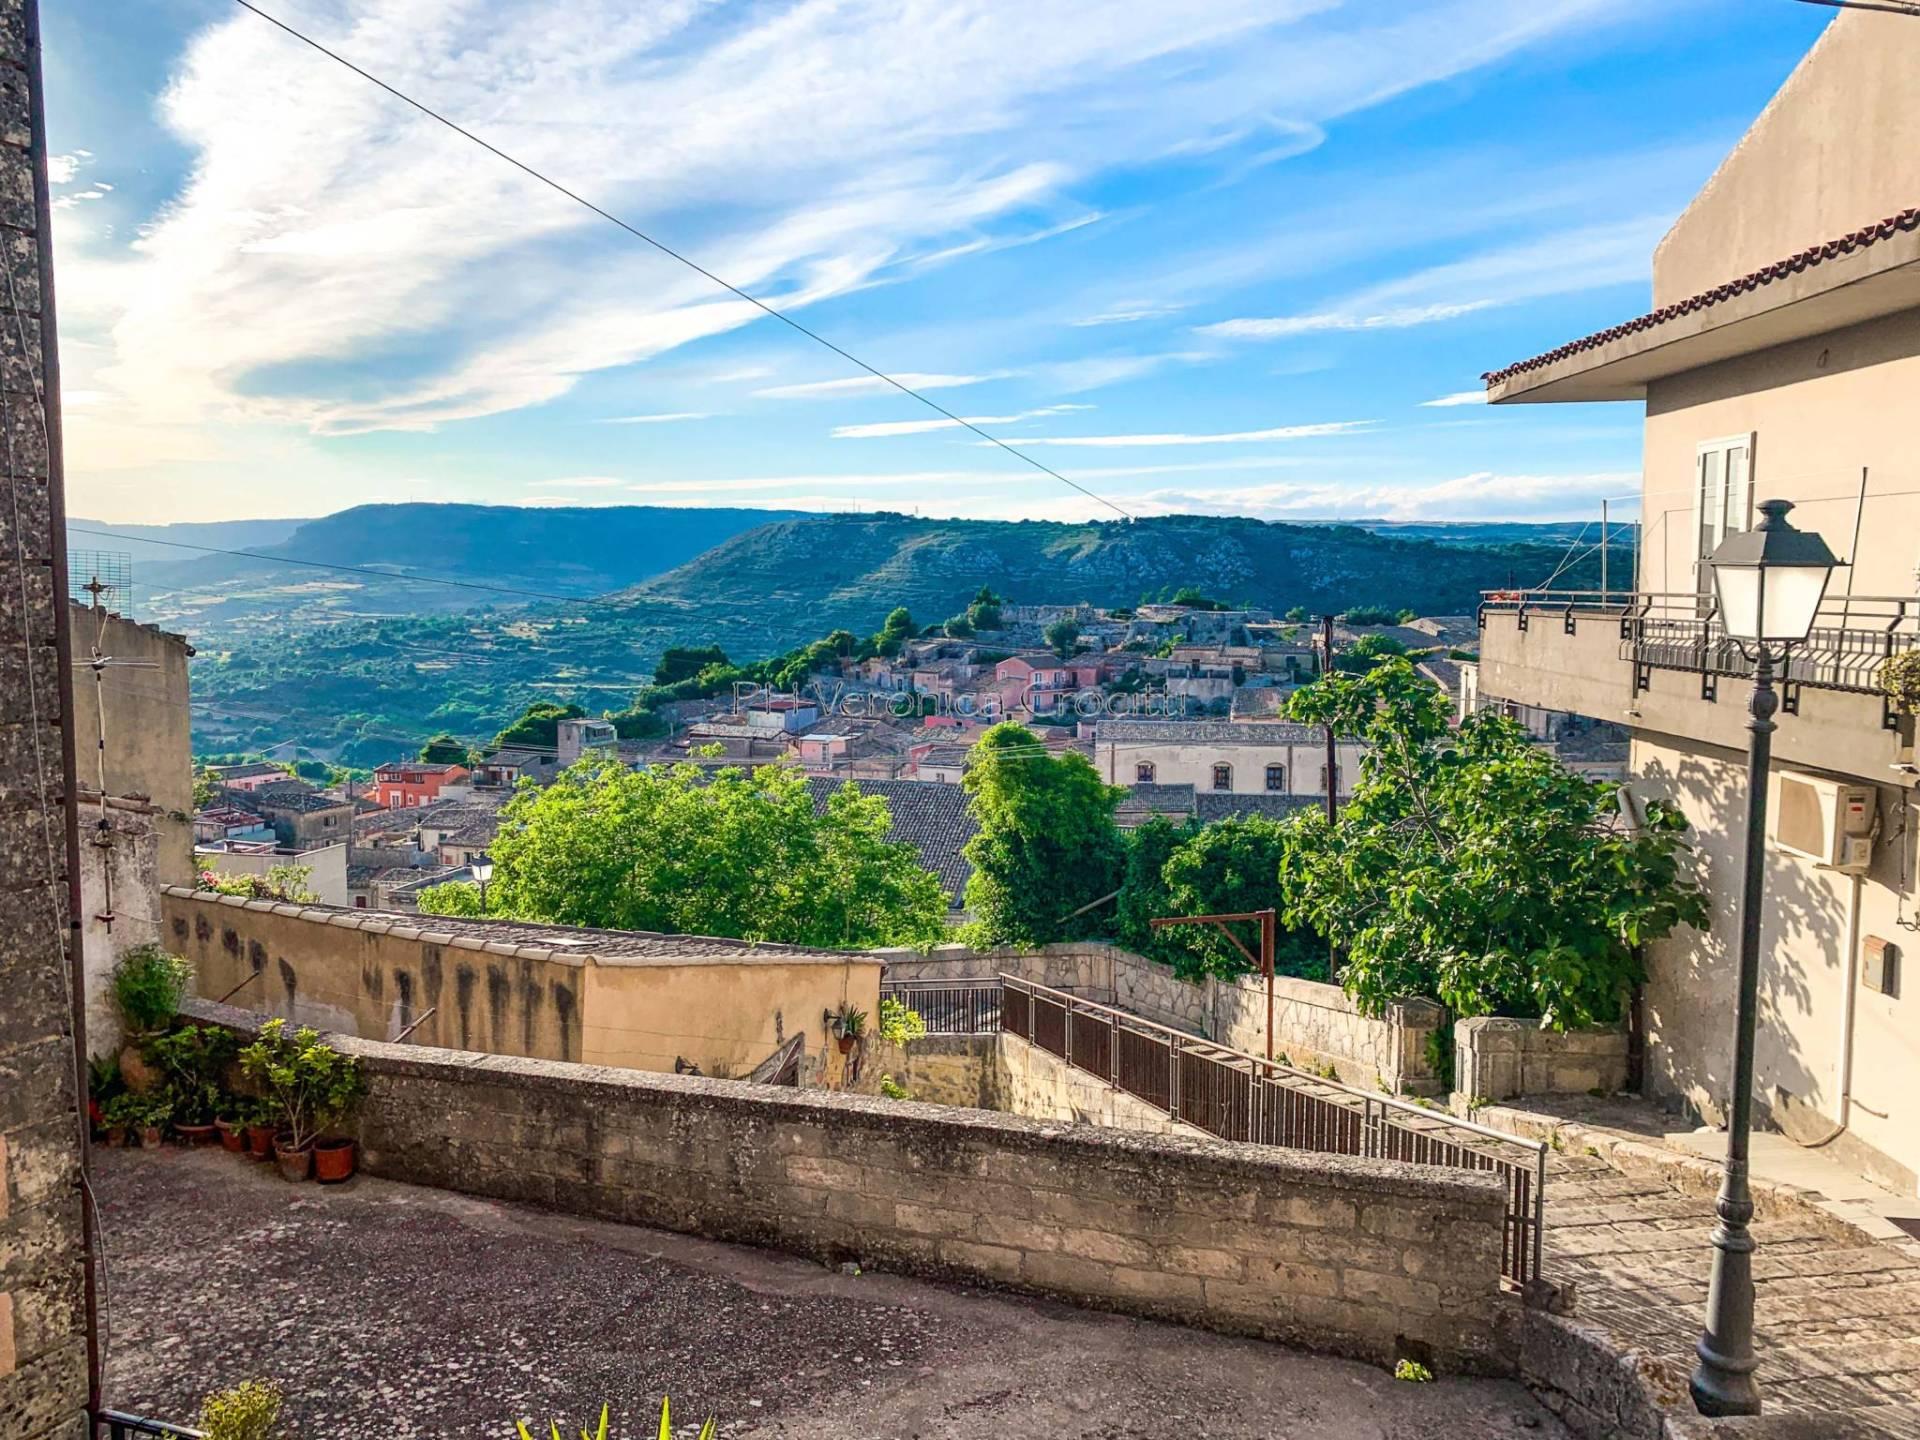 Palazzolo Acreide, Siracusa - Sicilia, Italia